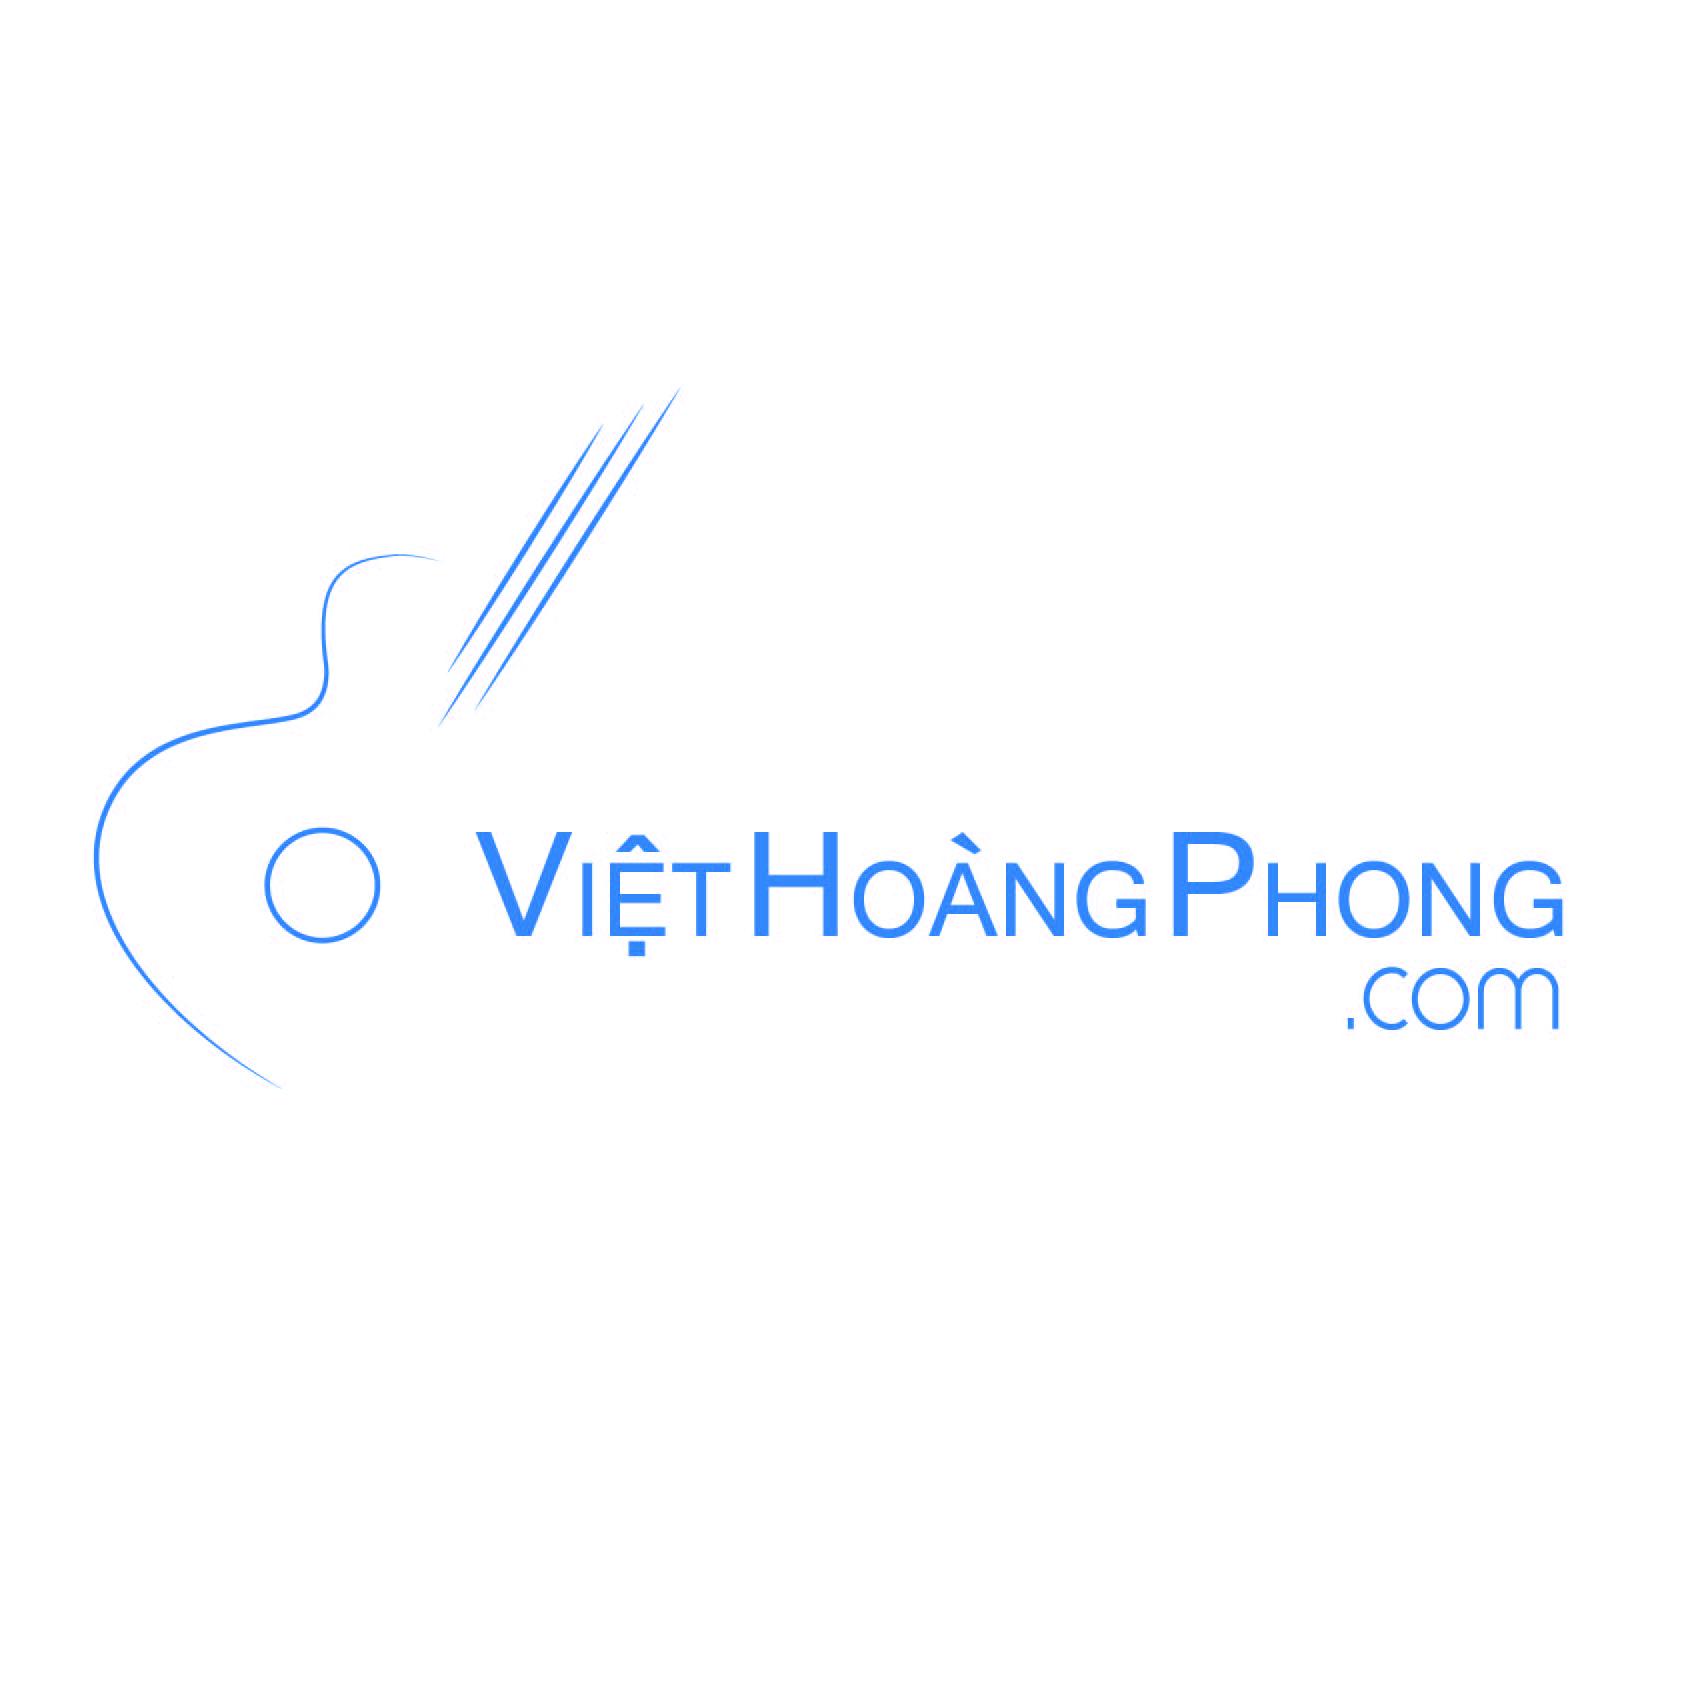 Việt Hoàng Phong